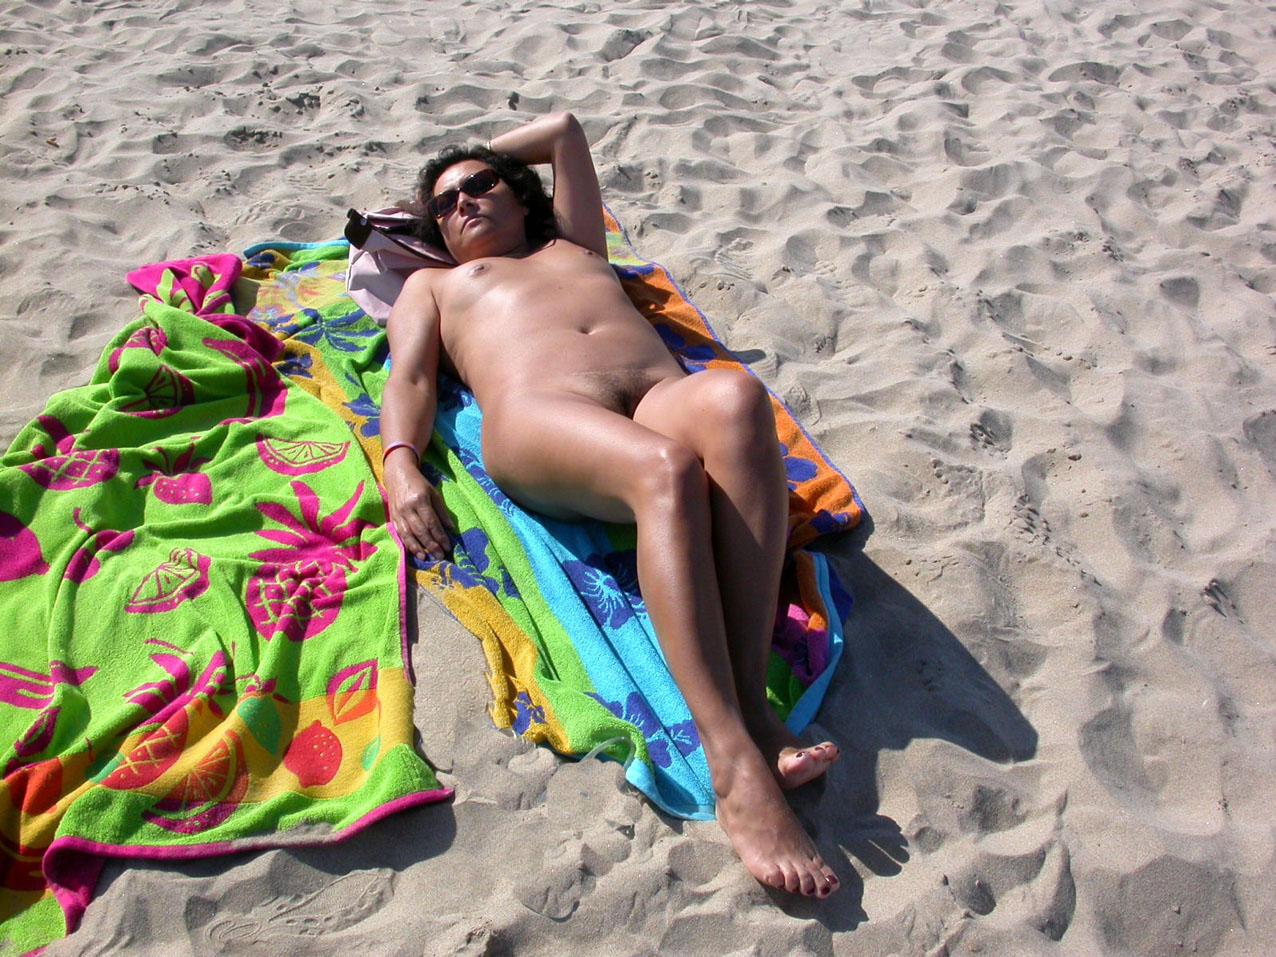 Фото нудисткие пляжи франции 17 фотография